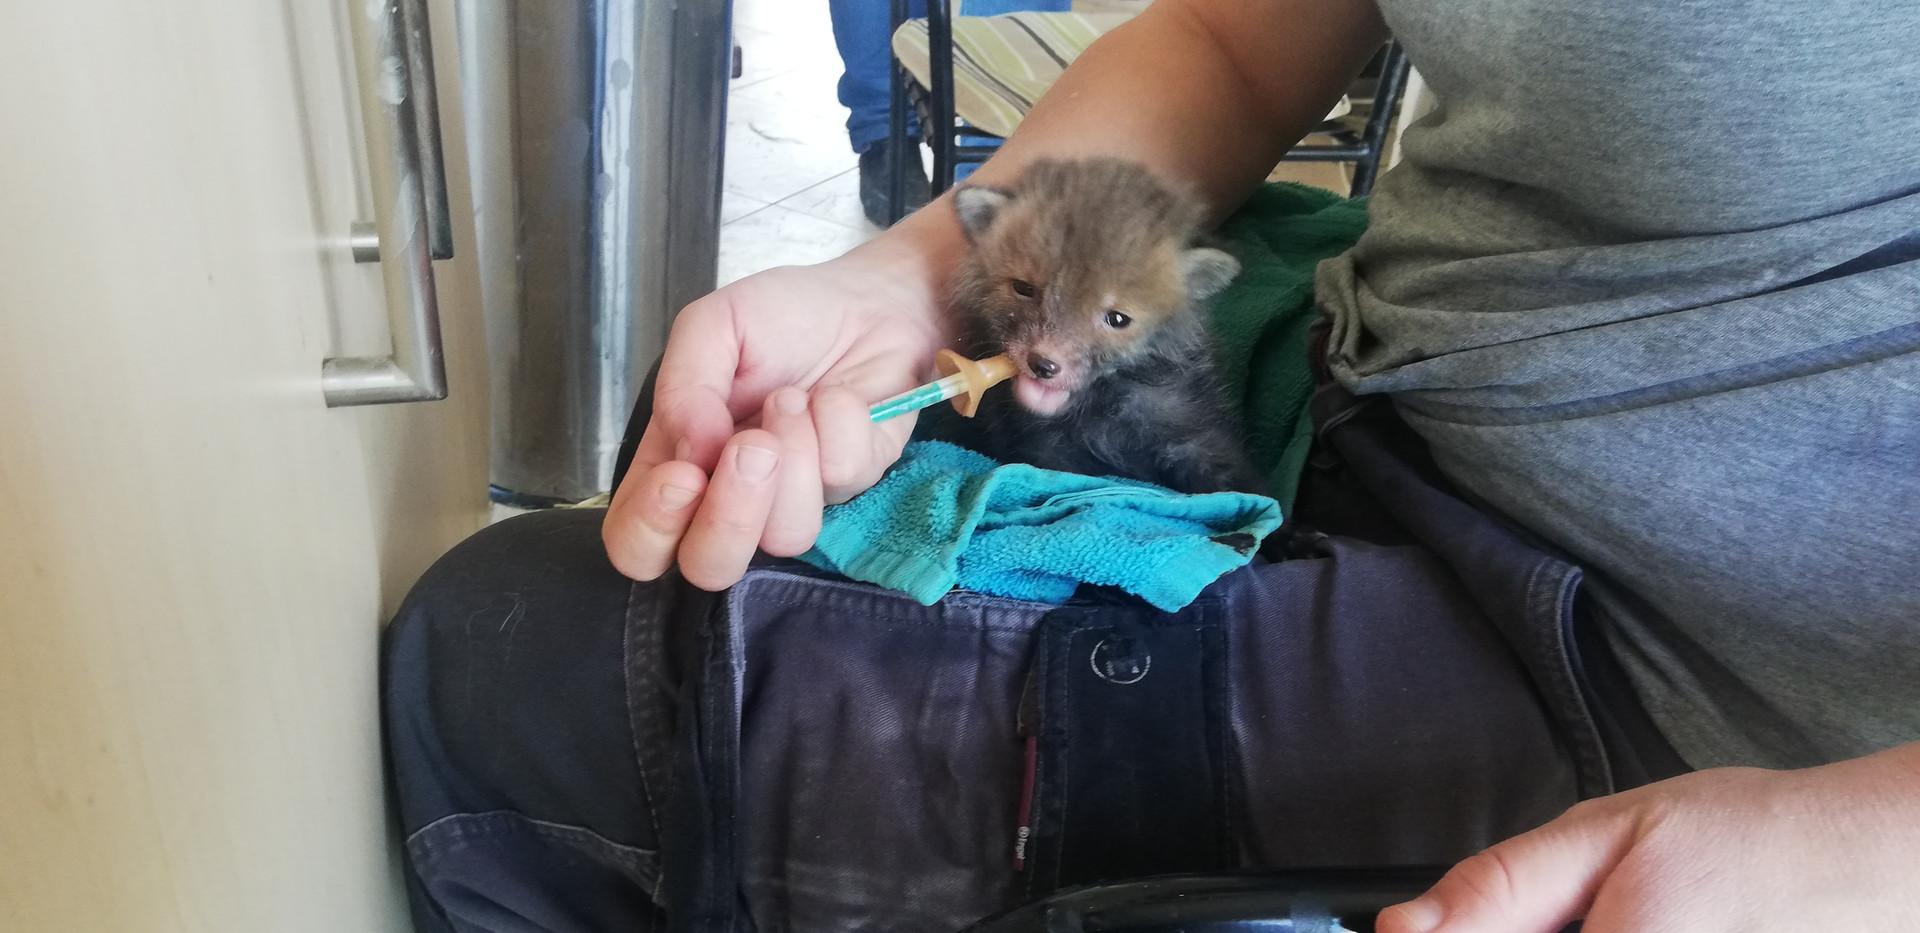 Weasel feeding